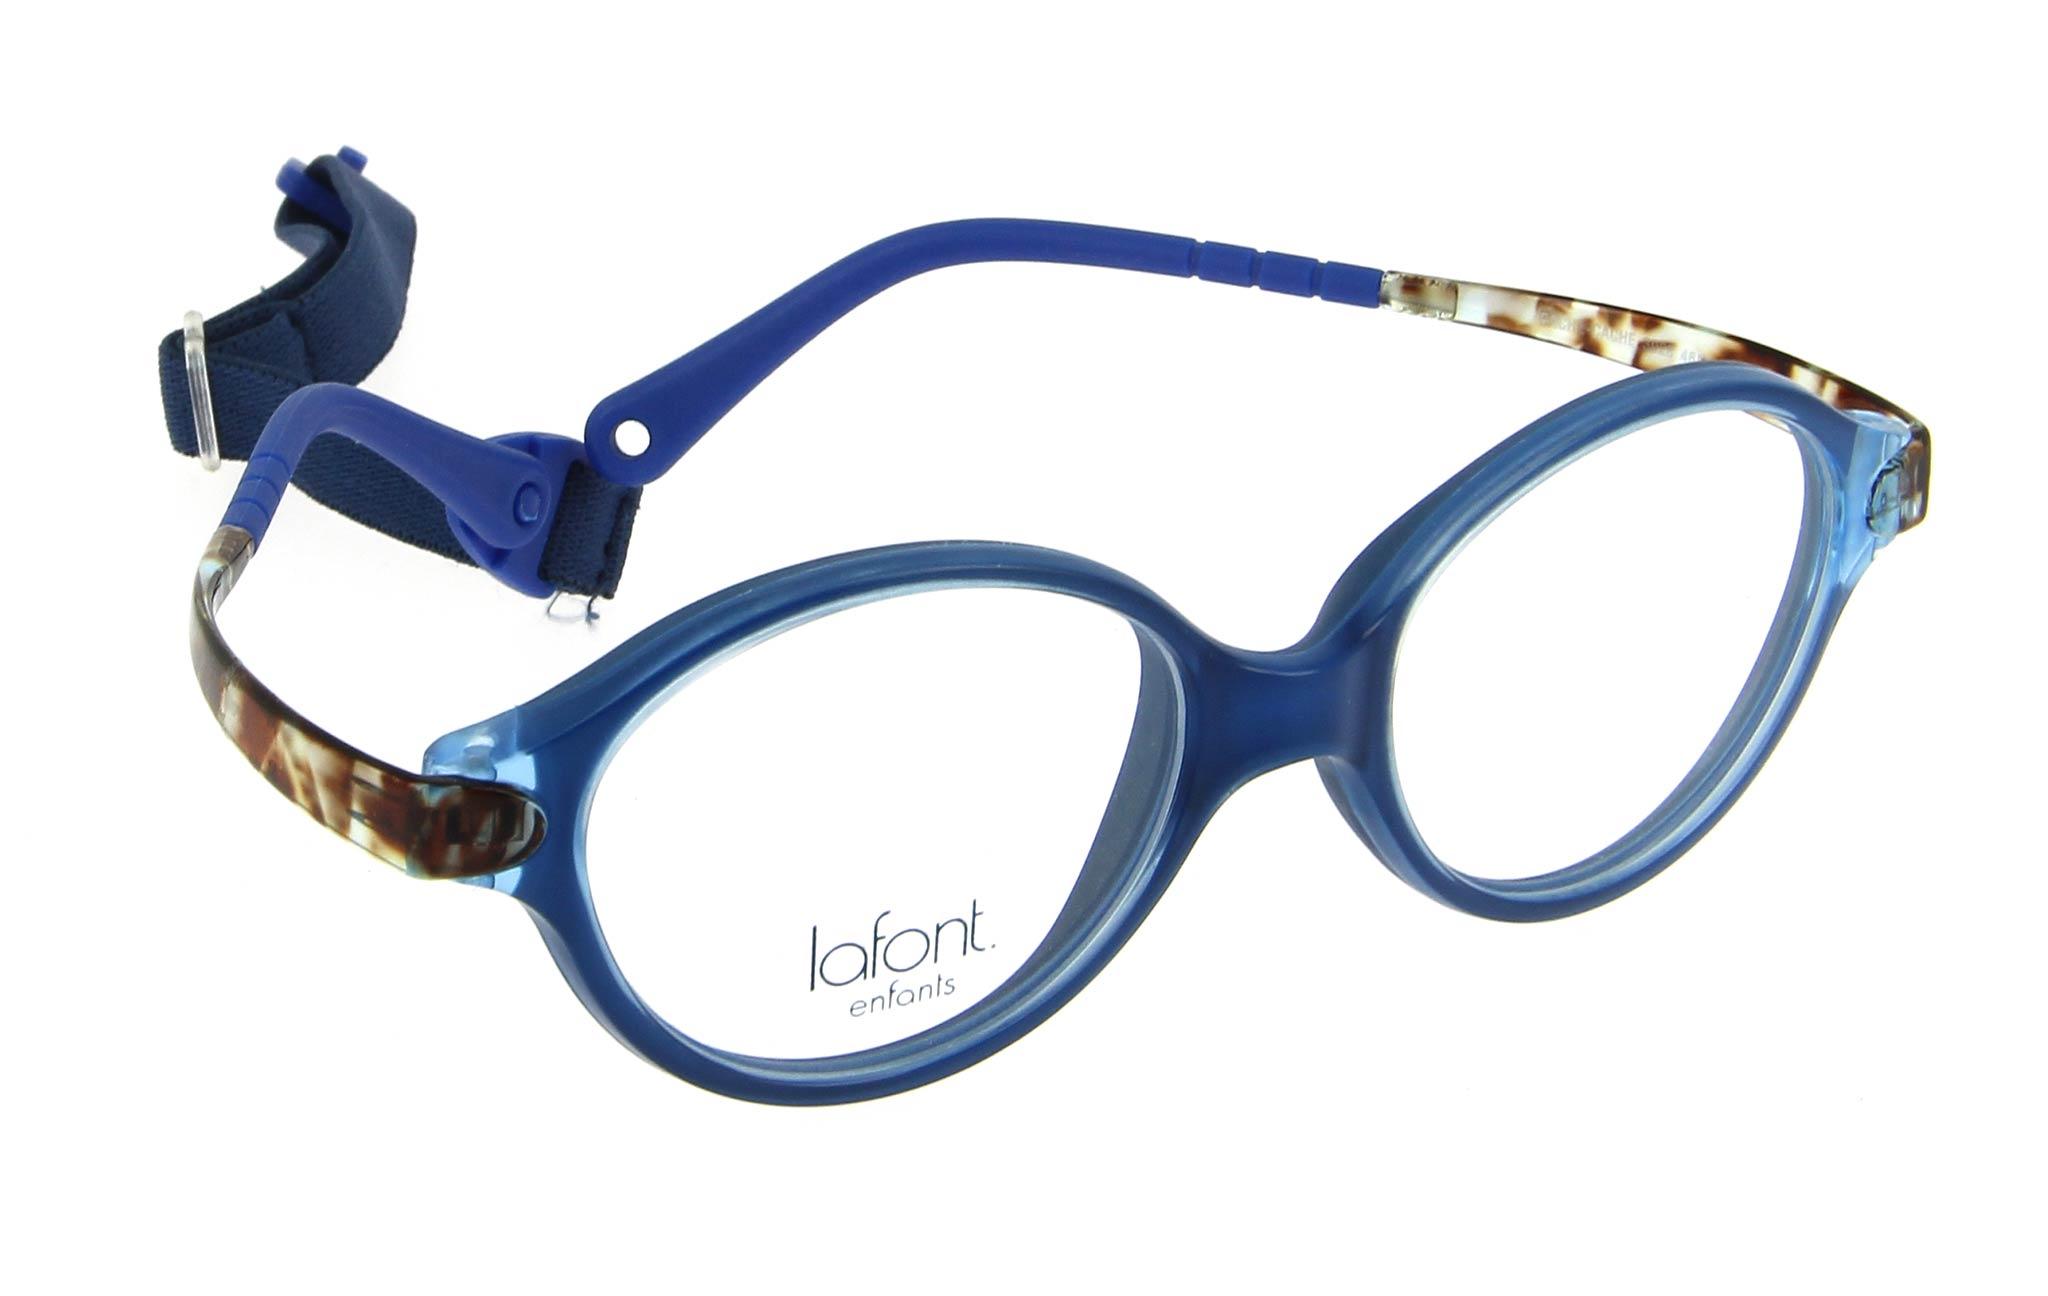 lunettes enfant lafont cache cache 3028 bleu